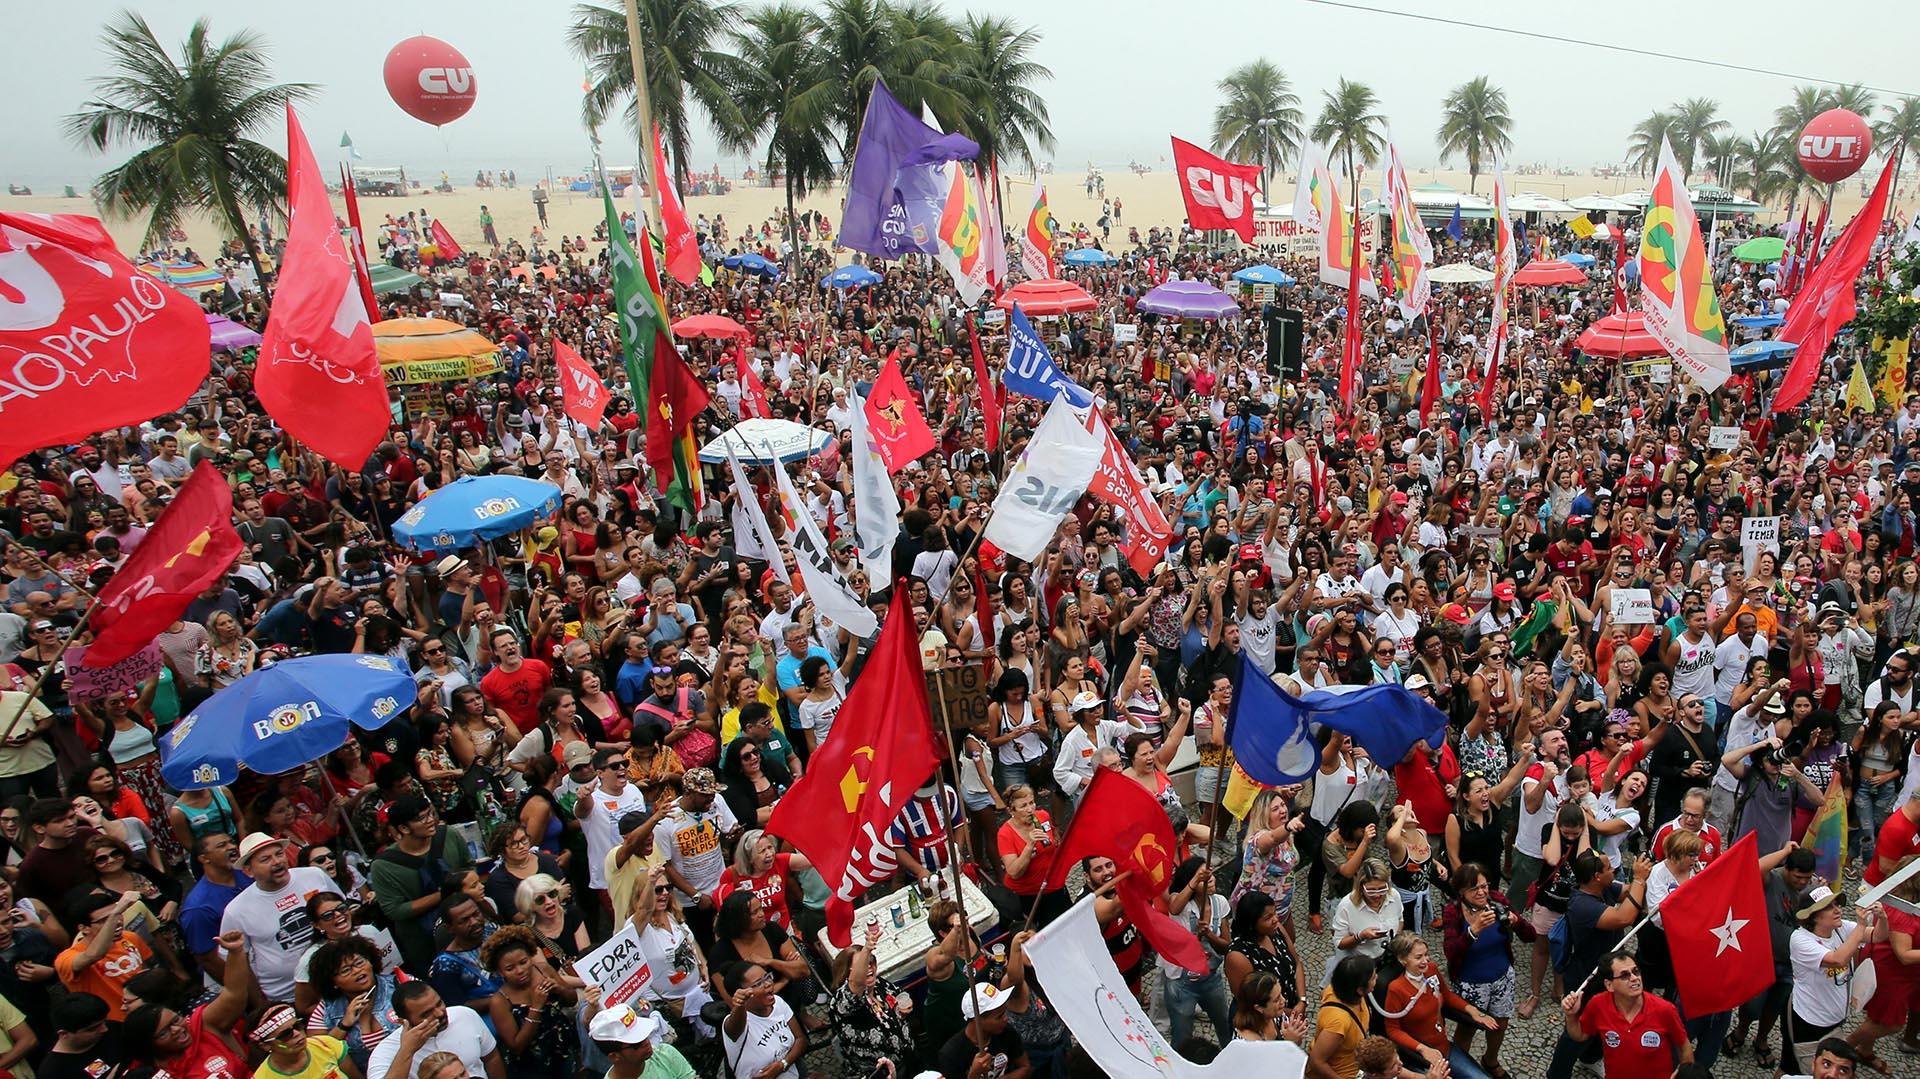 La protesta estuvo concentrada en las playas de Copacabana